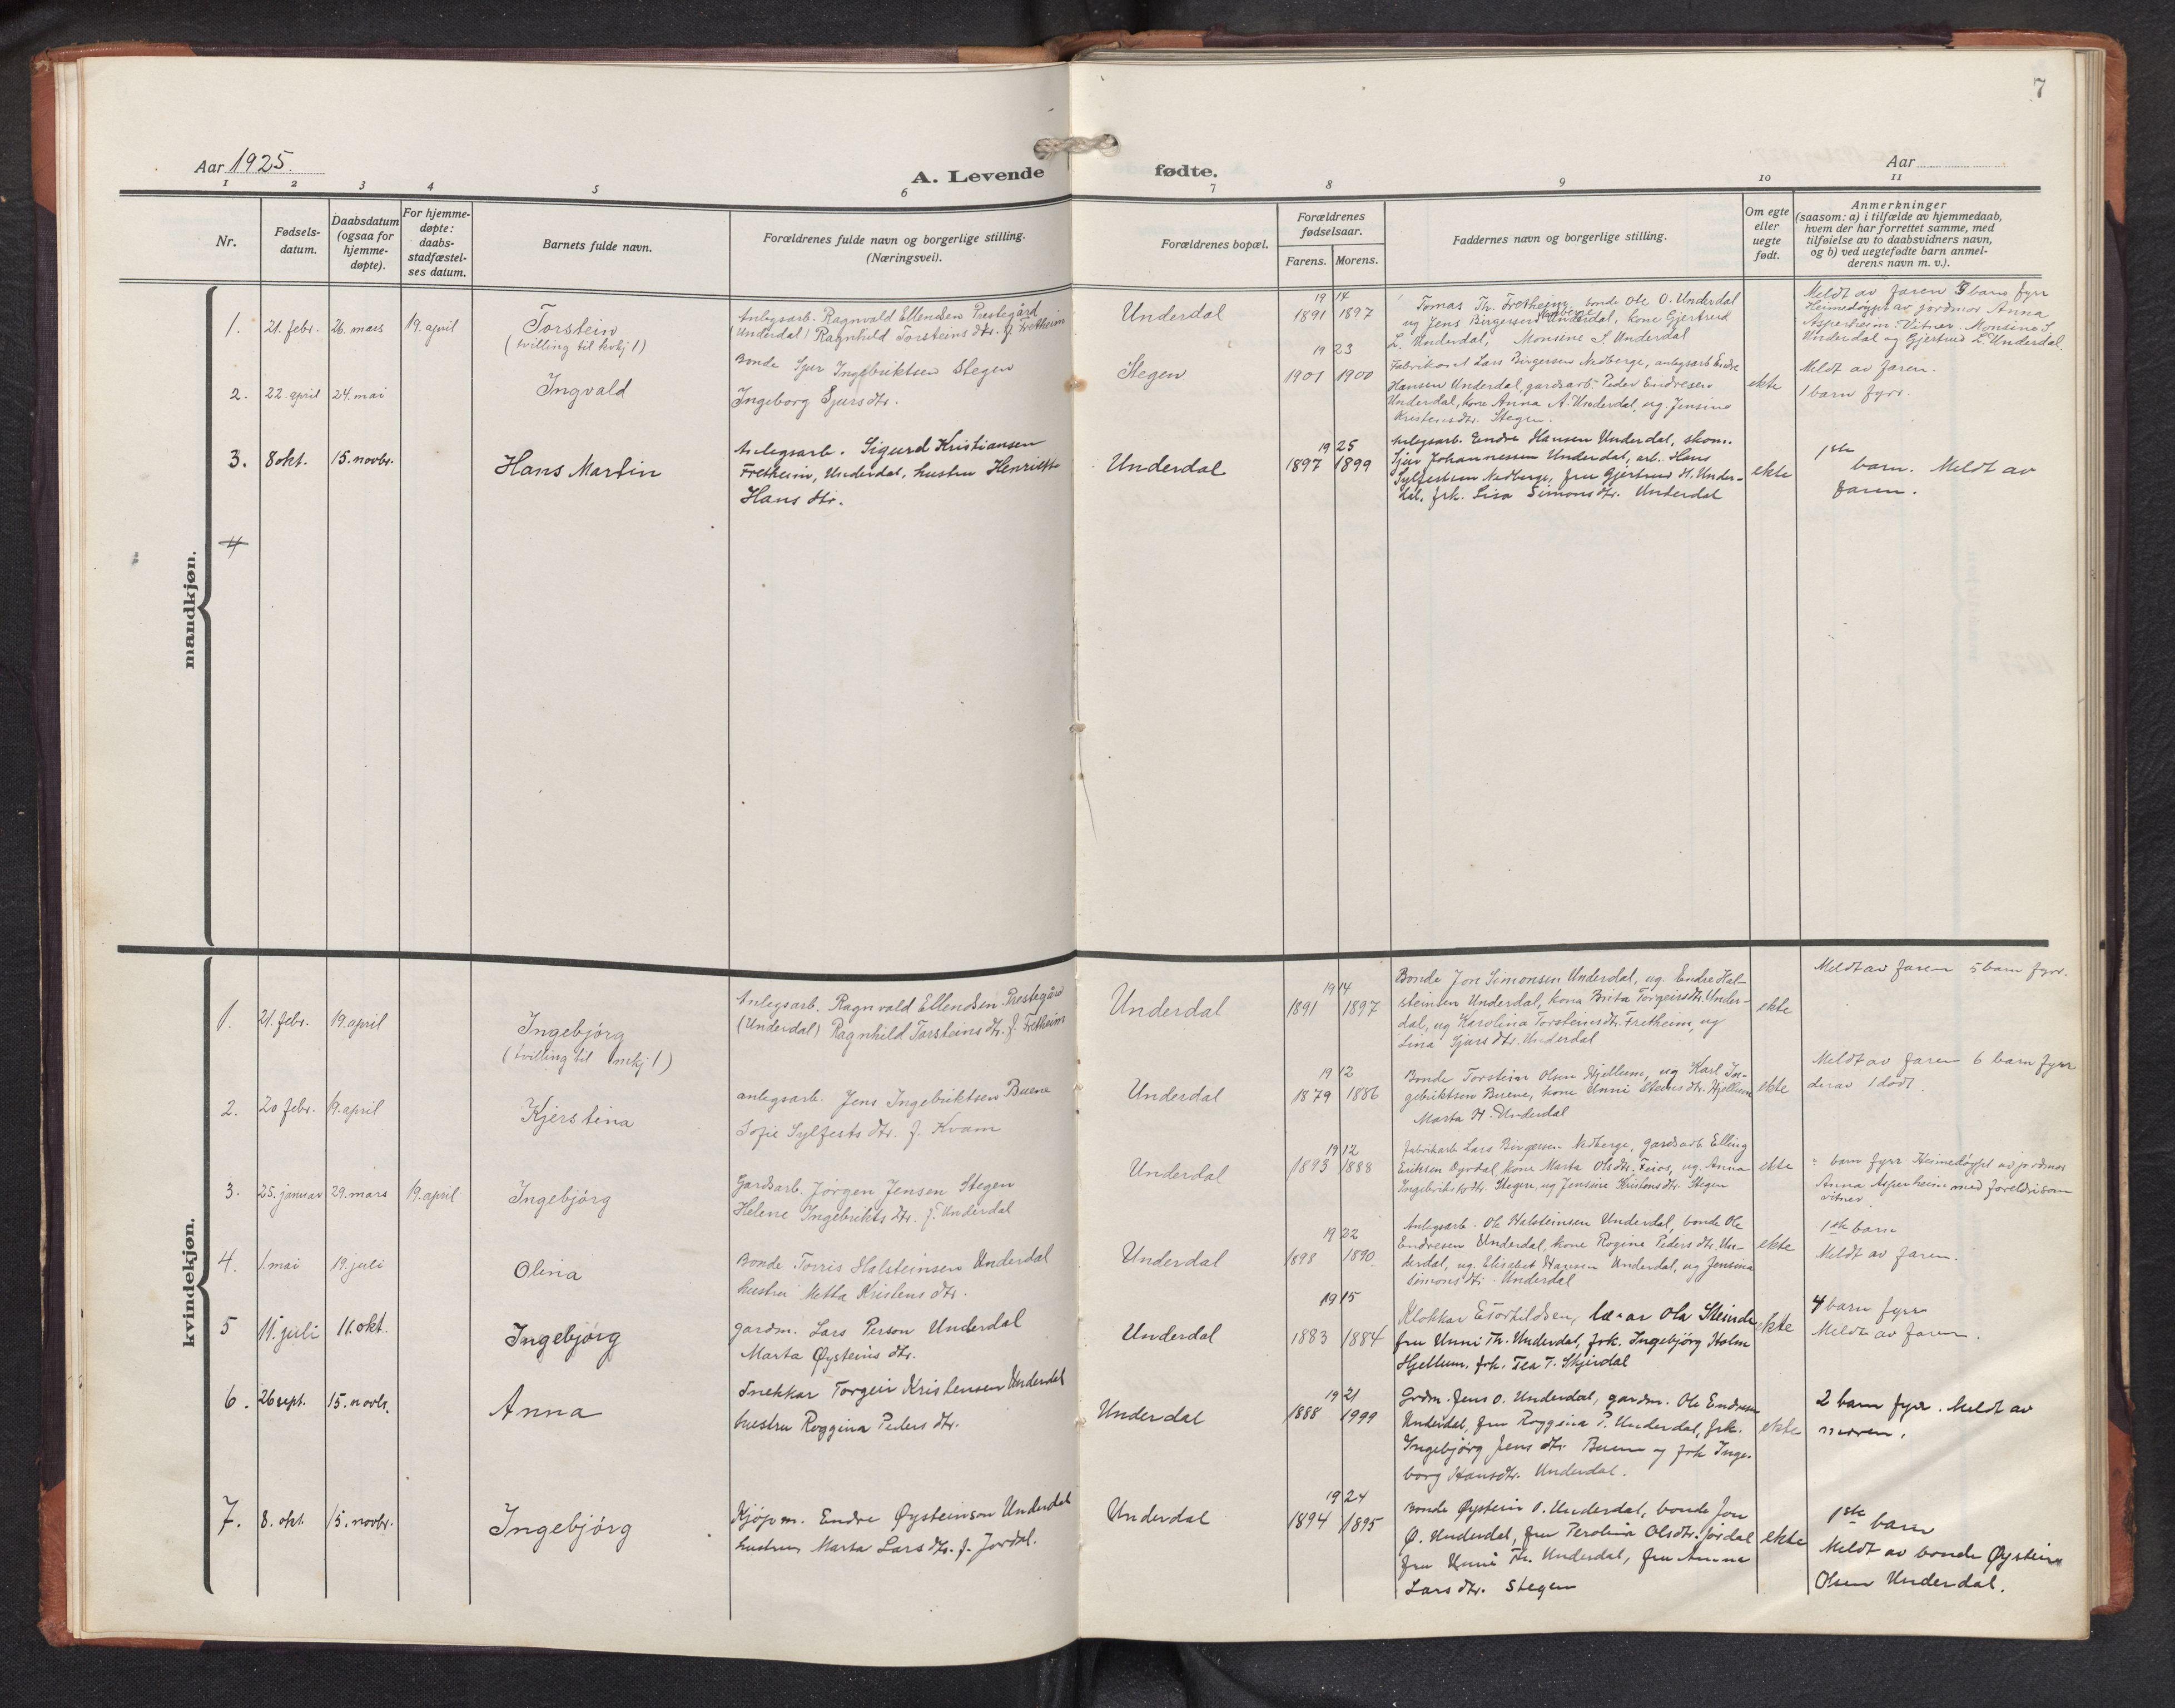 SAB, Aurland sokneprestembete, H/Hb/Hbd/L0003: Parish register (copy) no. D 3, 1920-1968, p. 6b-7a